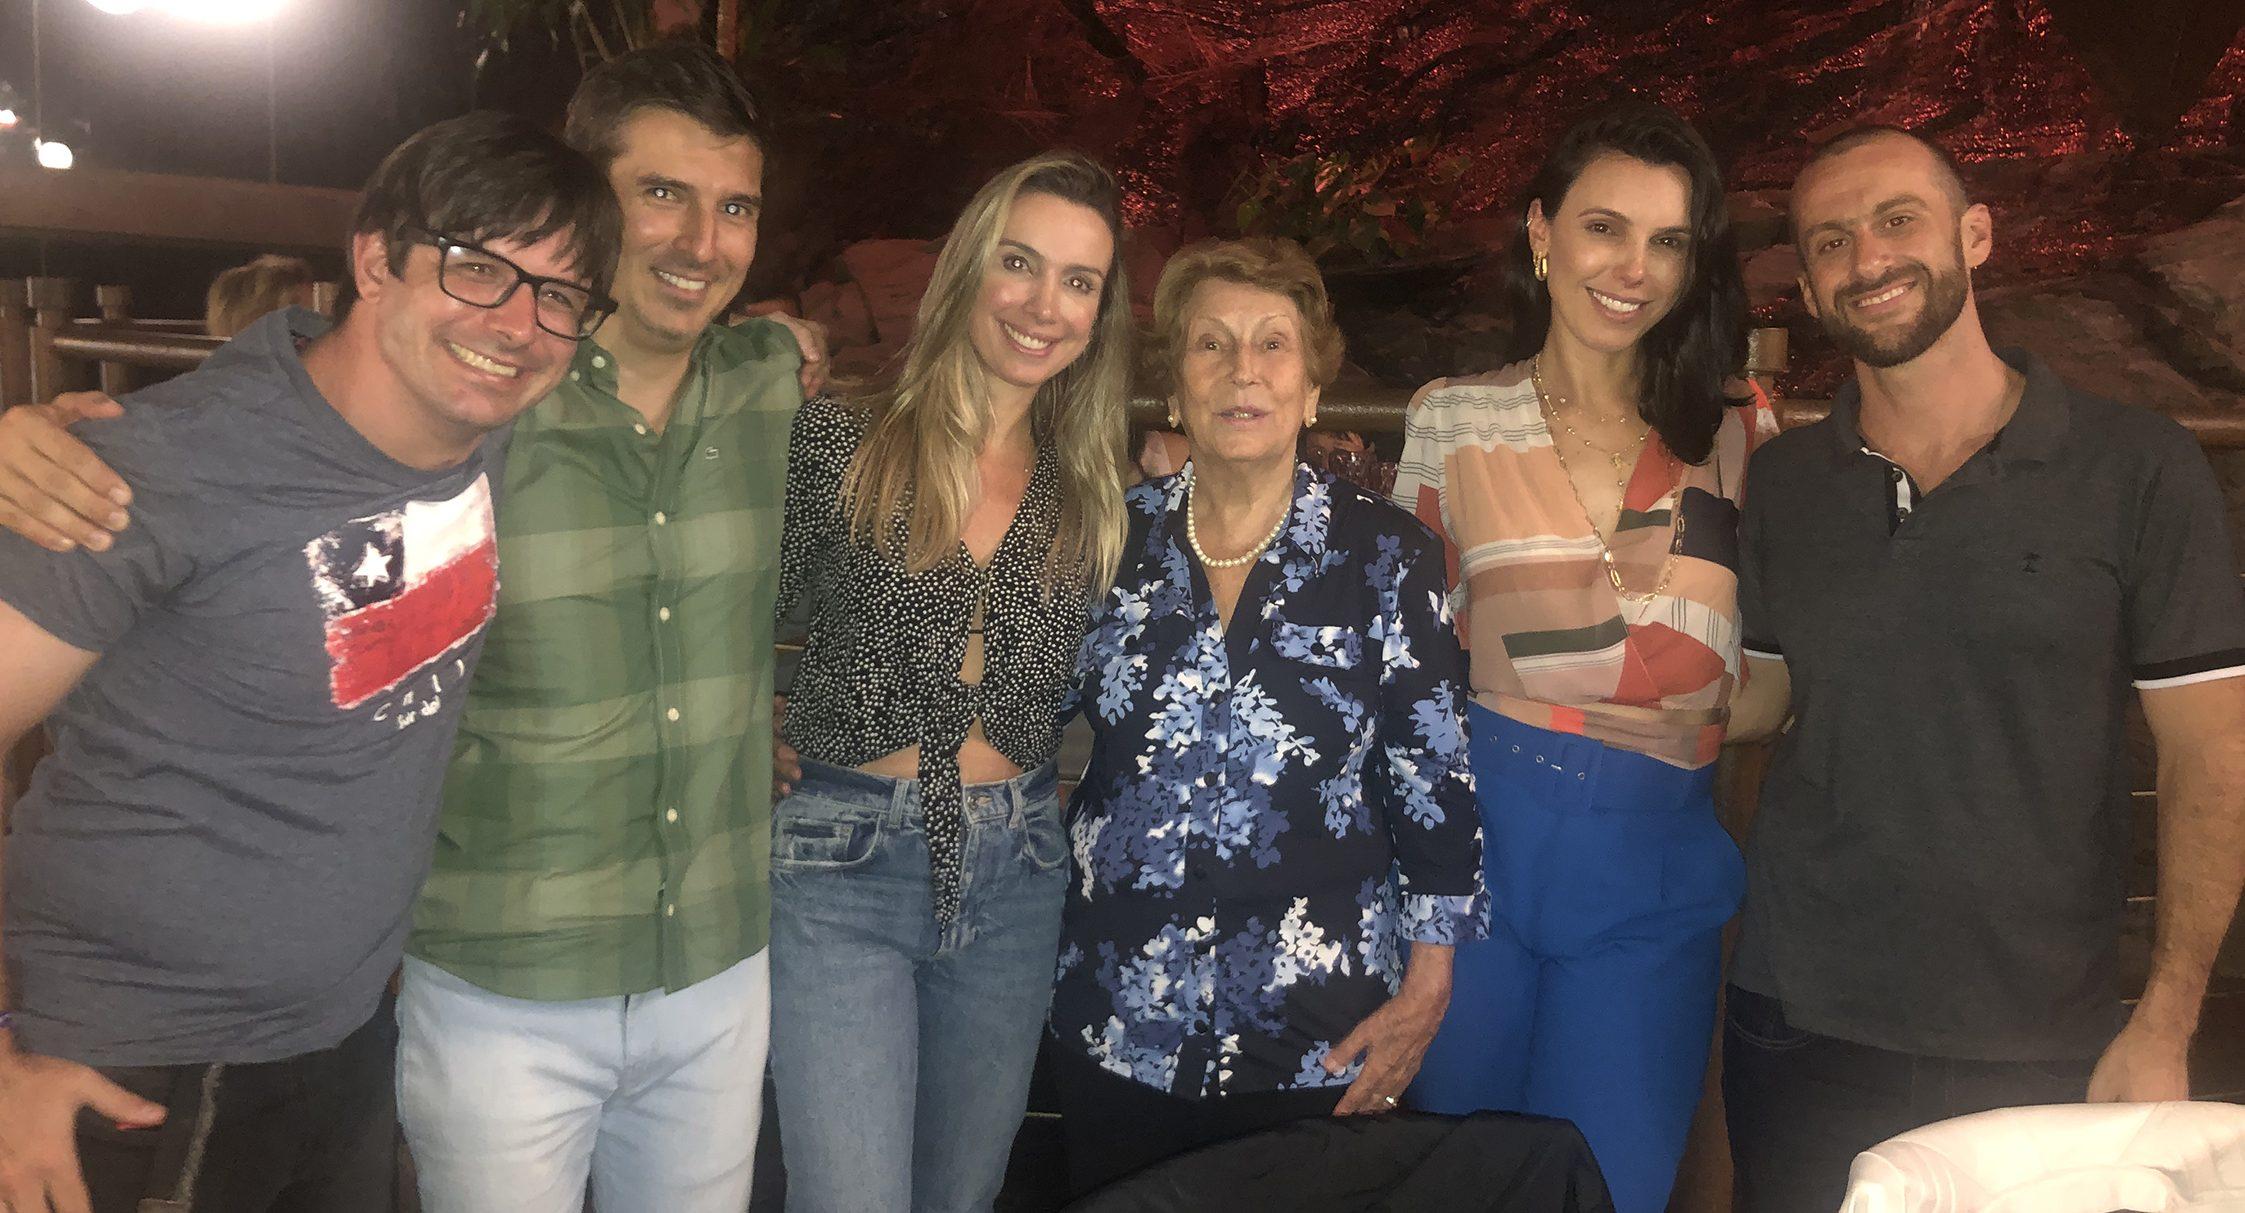 Dona Terezinha de Landa com os netos Léo, Homero, Bárbara, Débora e Diego, na comemoração de seus 92 anos, no Assunta